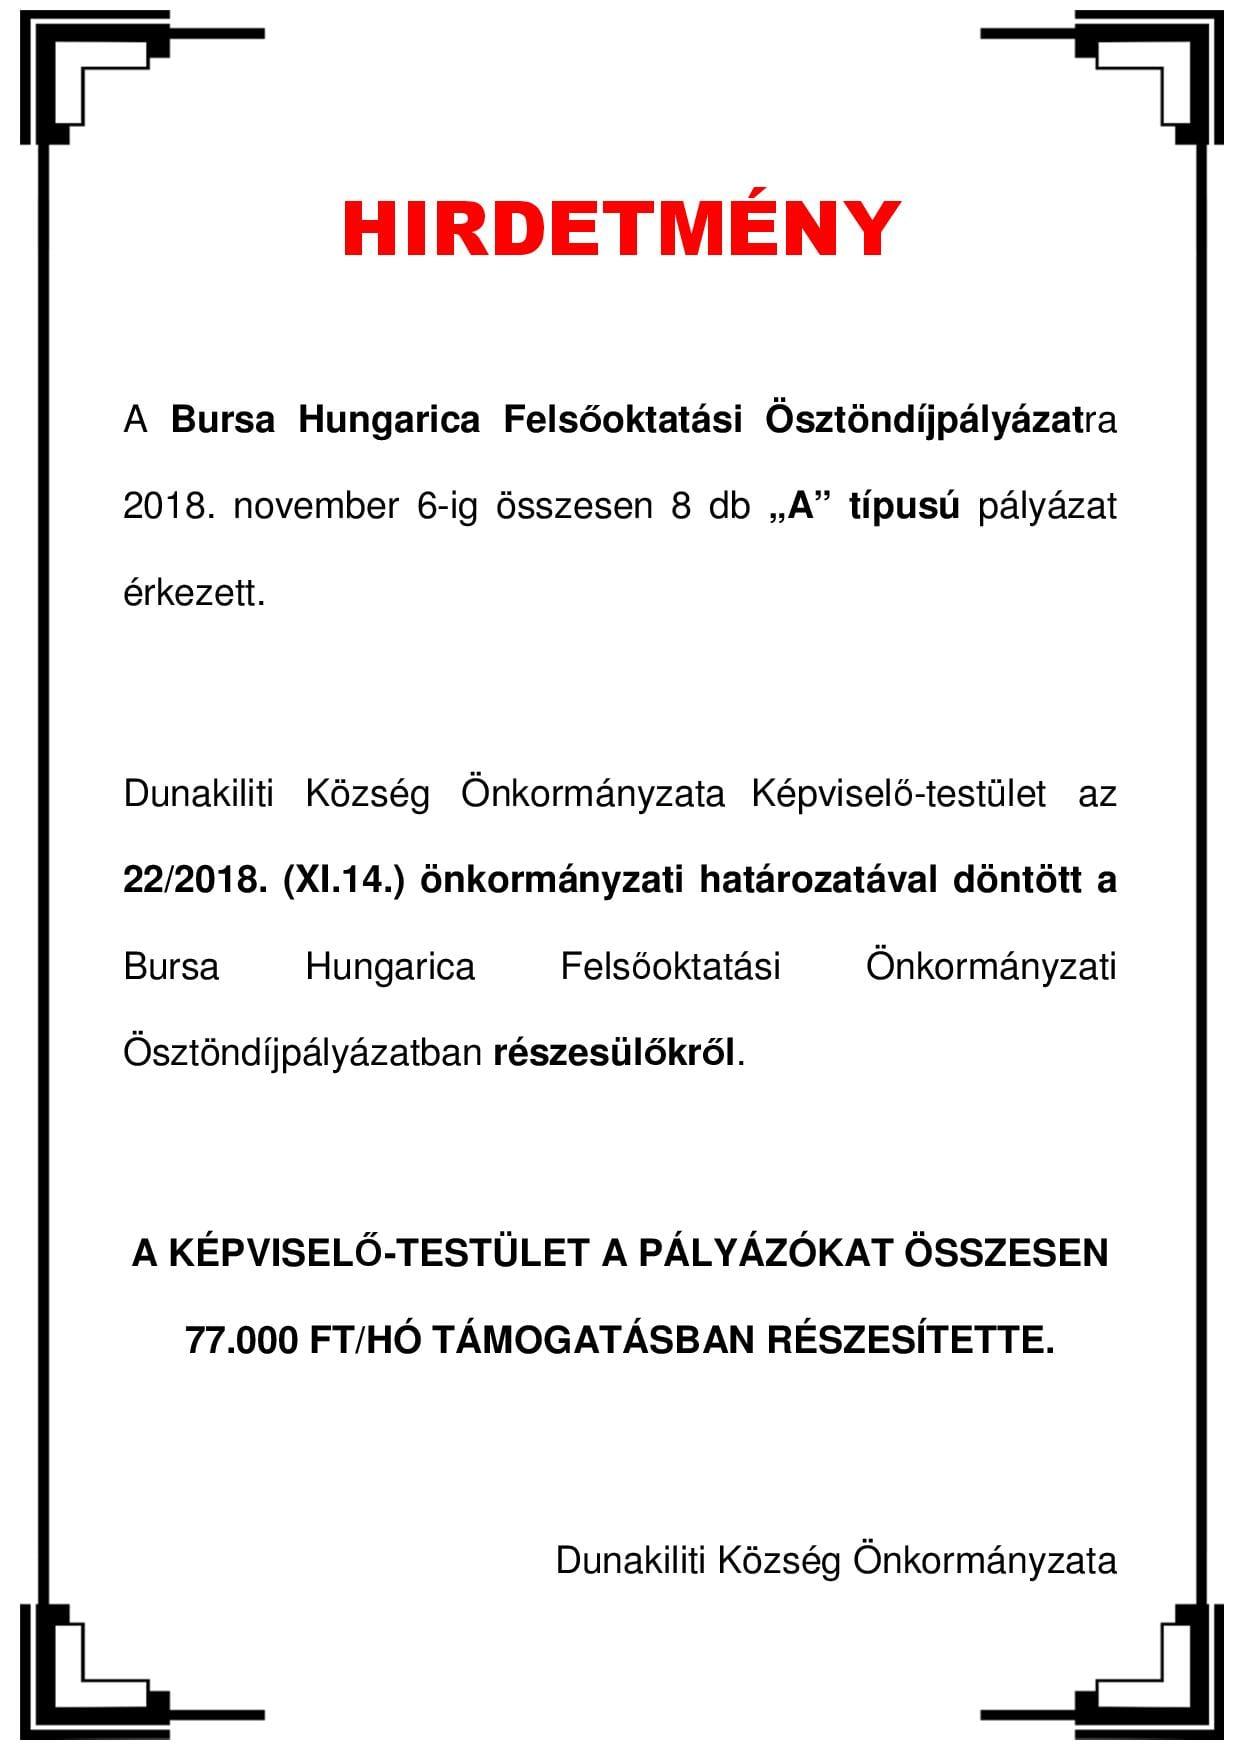 Hirdetmény_Bursa_DK_2018-page-001